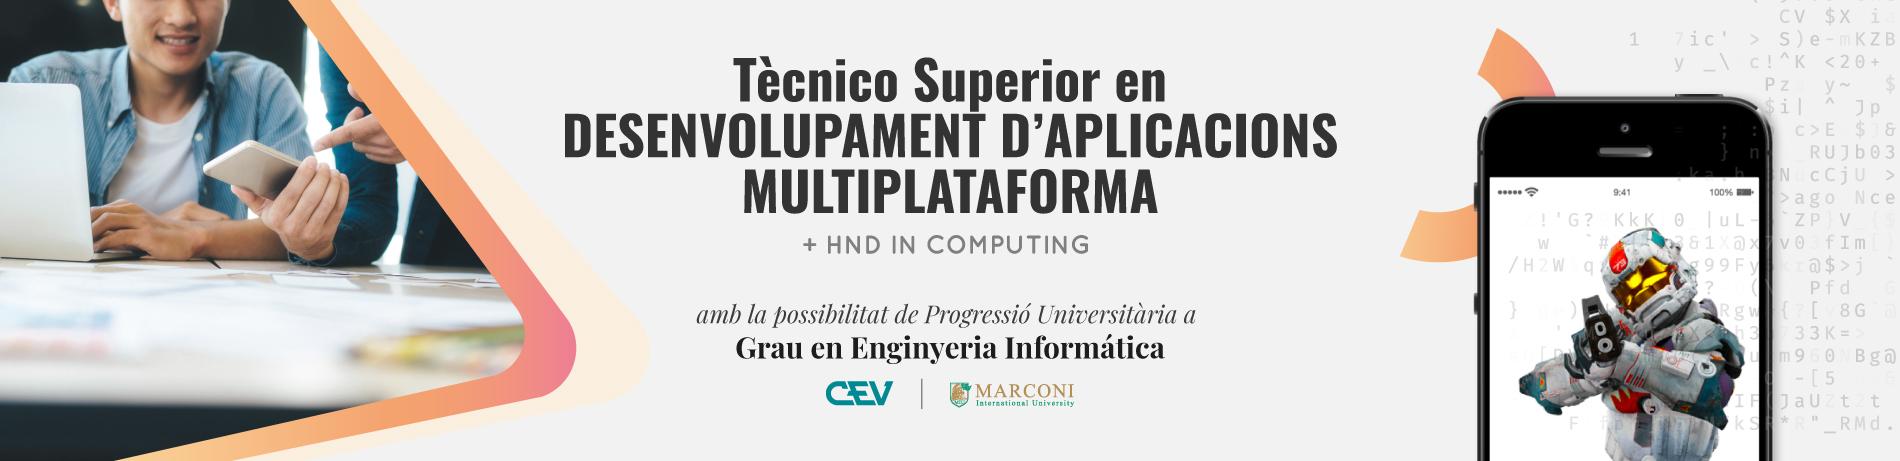 Tècnic Superior en Desenvolupament d'Aplicacions Multiplataforma a Distància